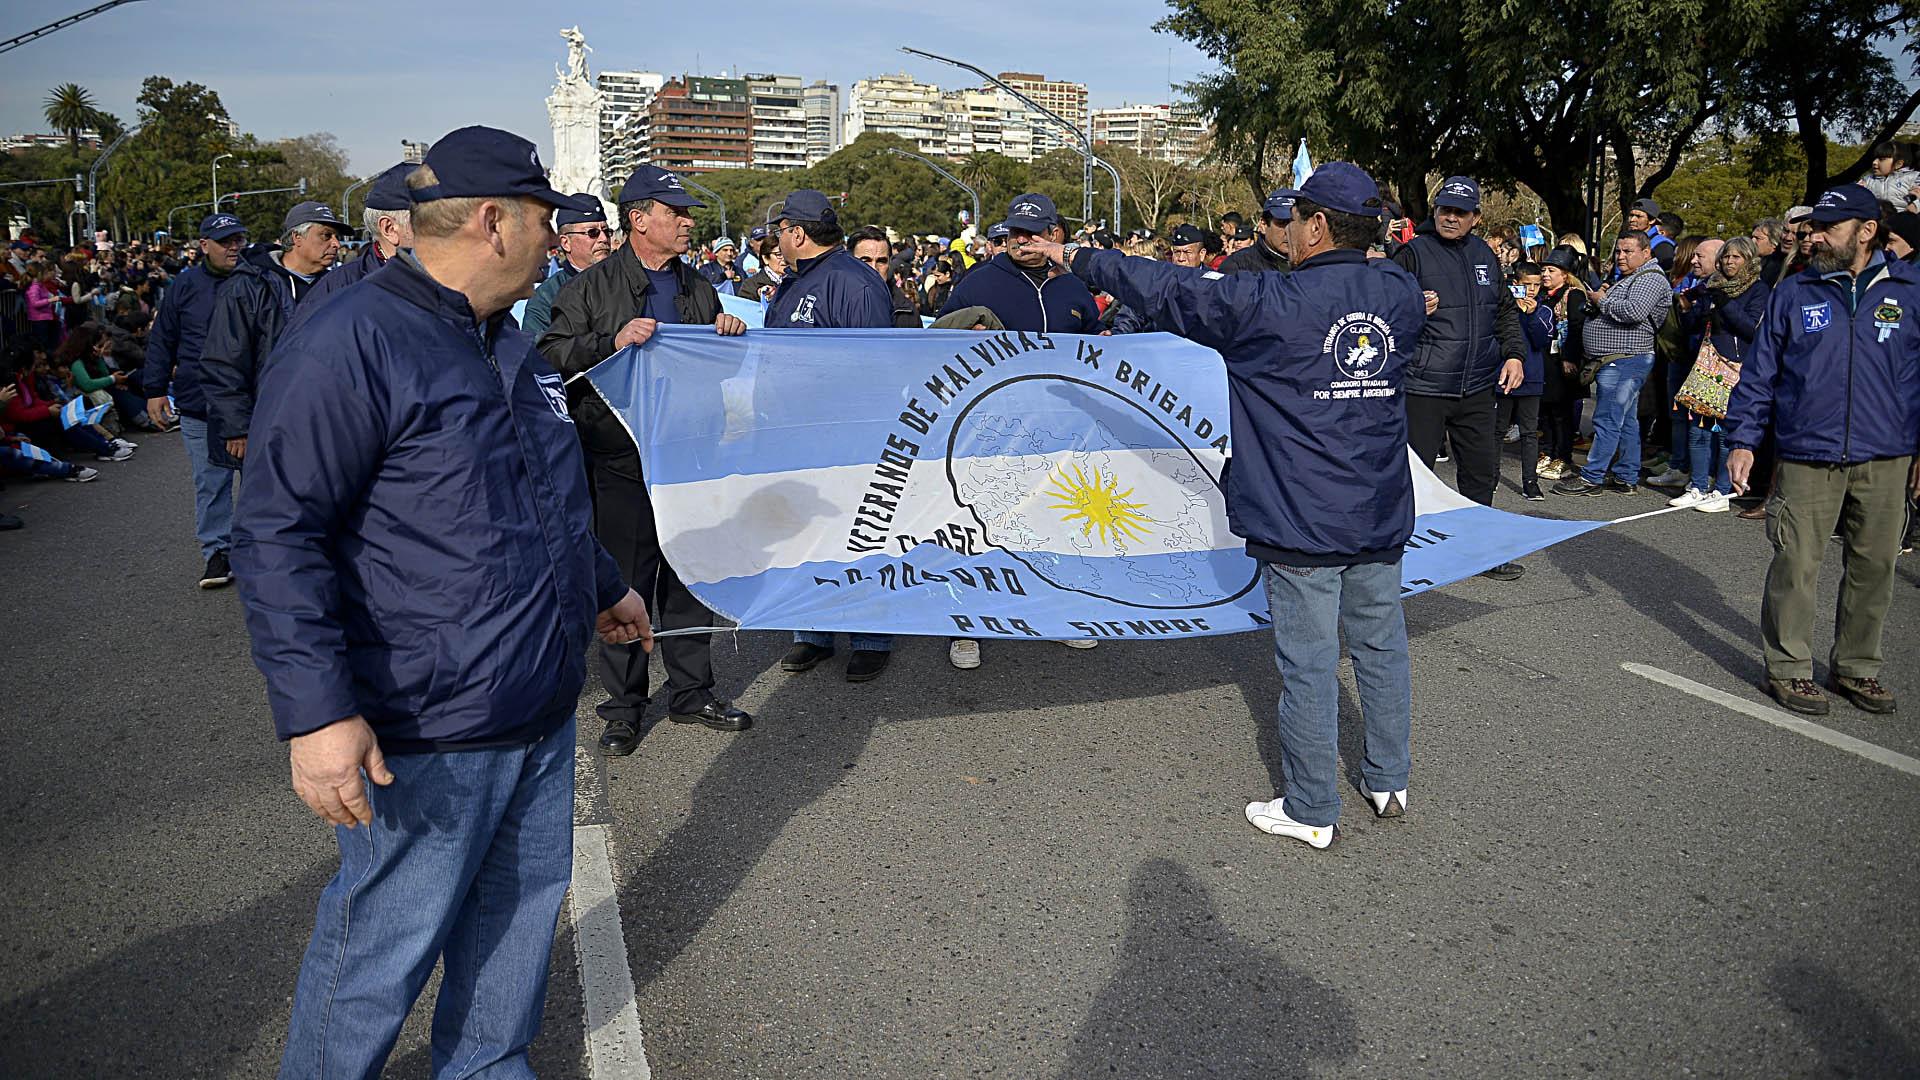 Los veteranos de la Guerra de Malvinas formaron parte del desfile